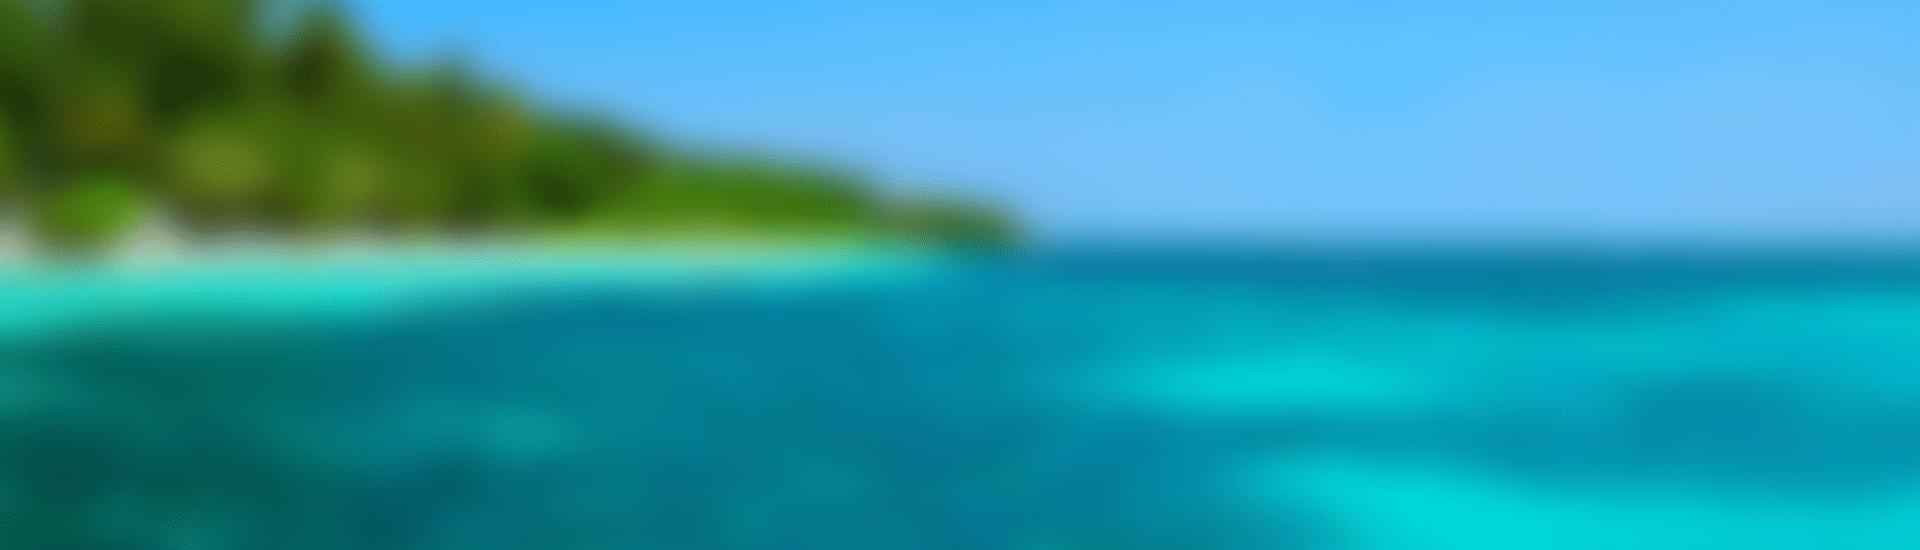 slide1bg-island-blur